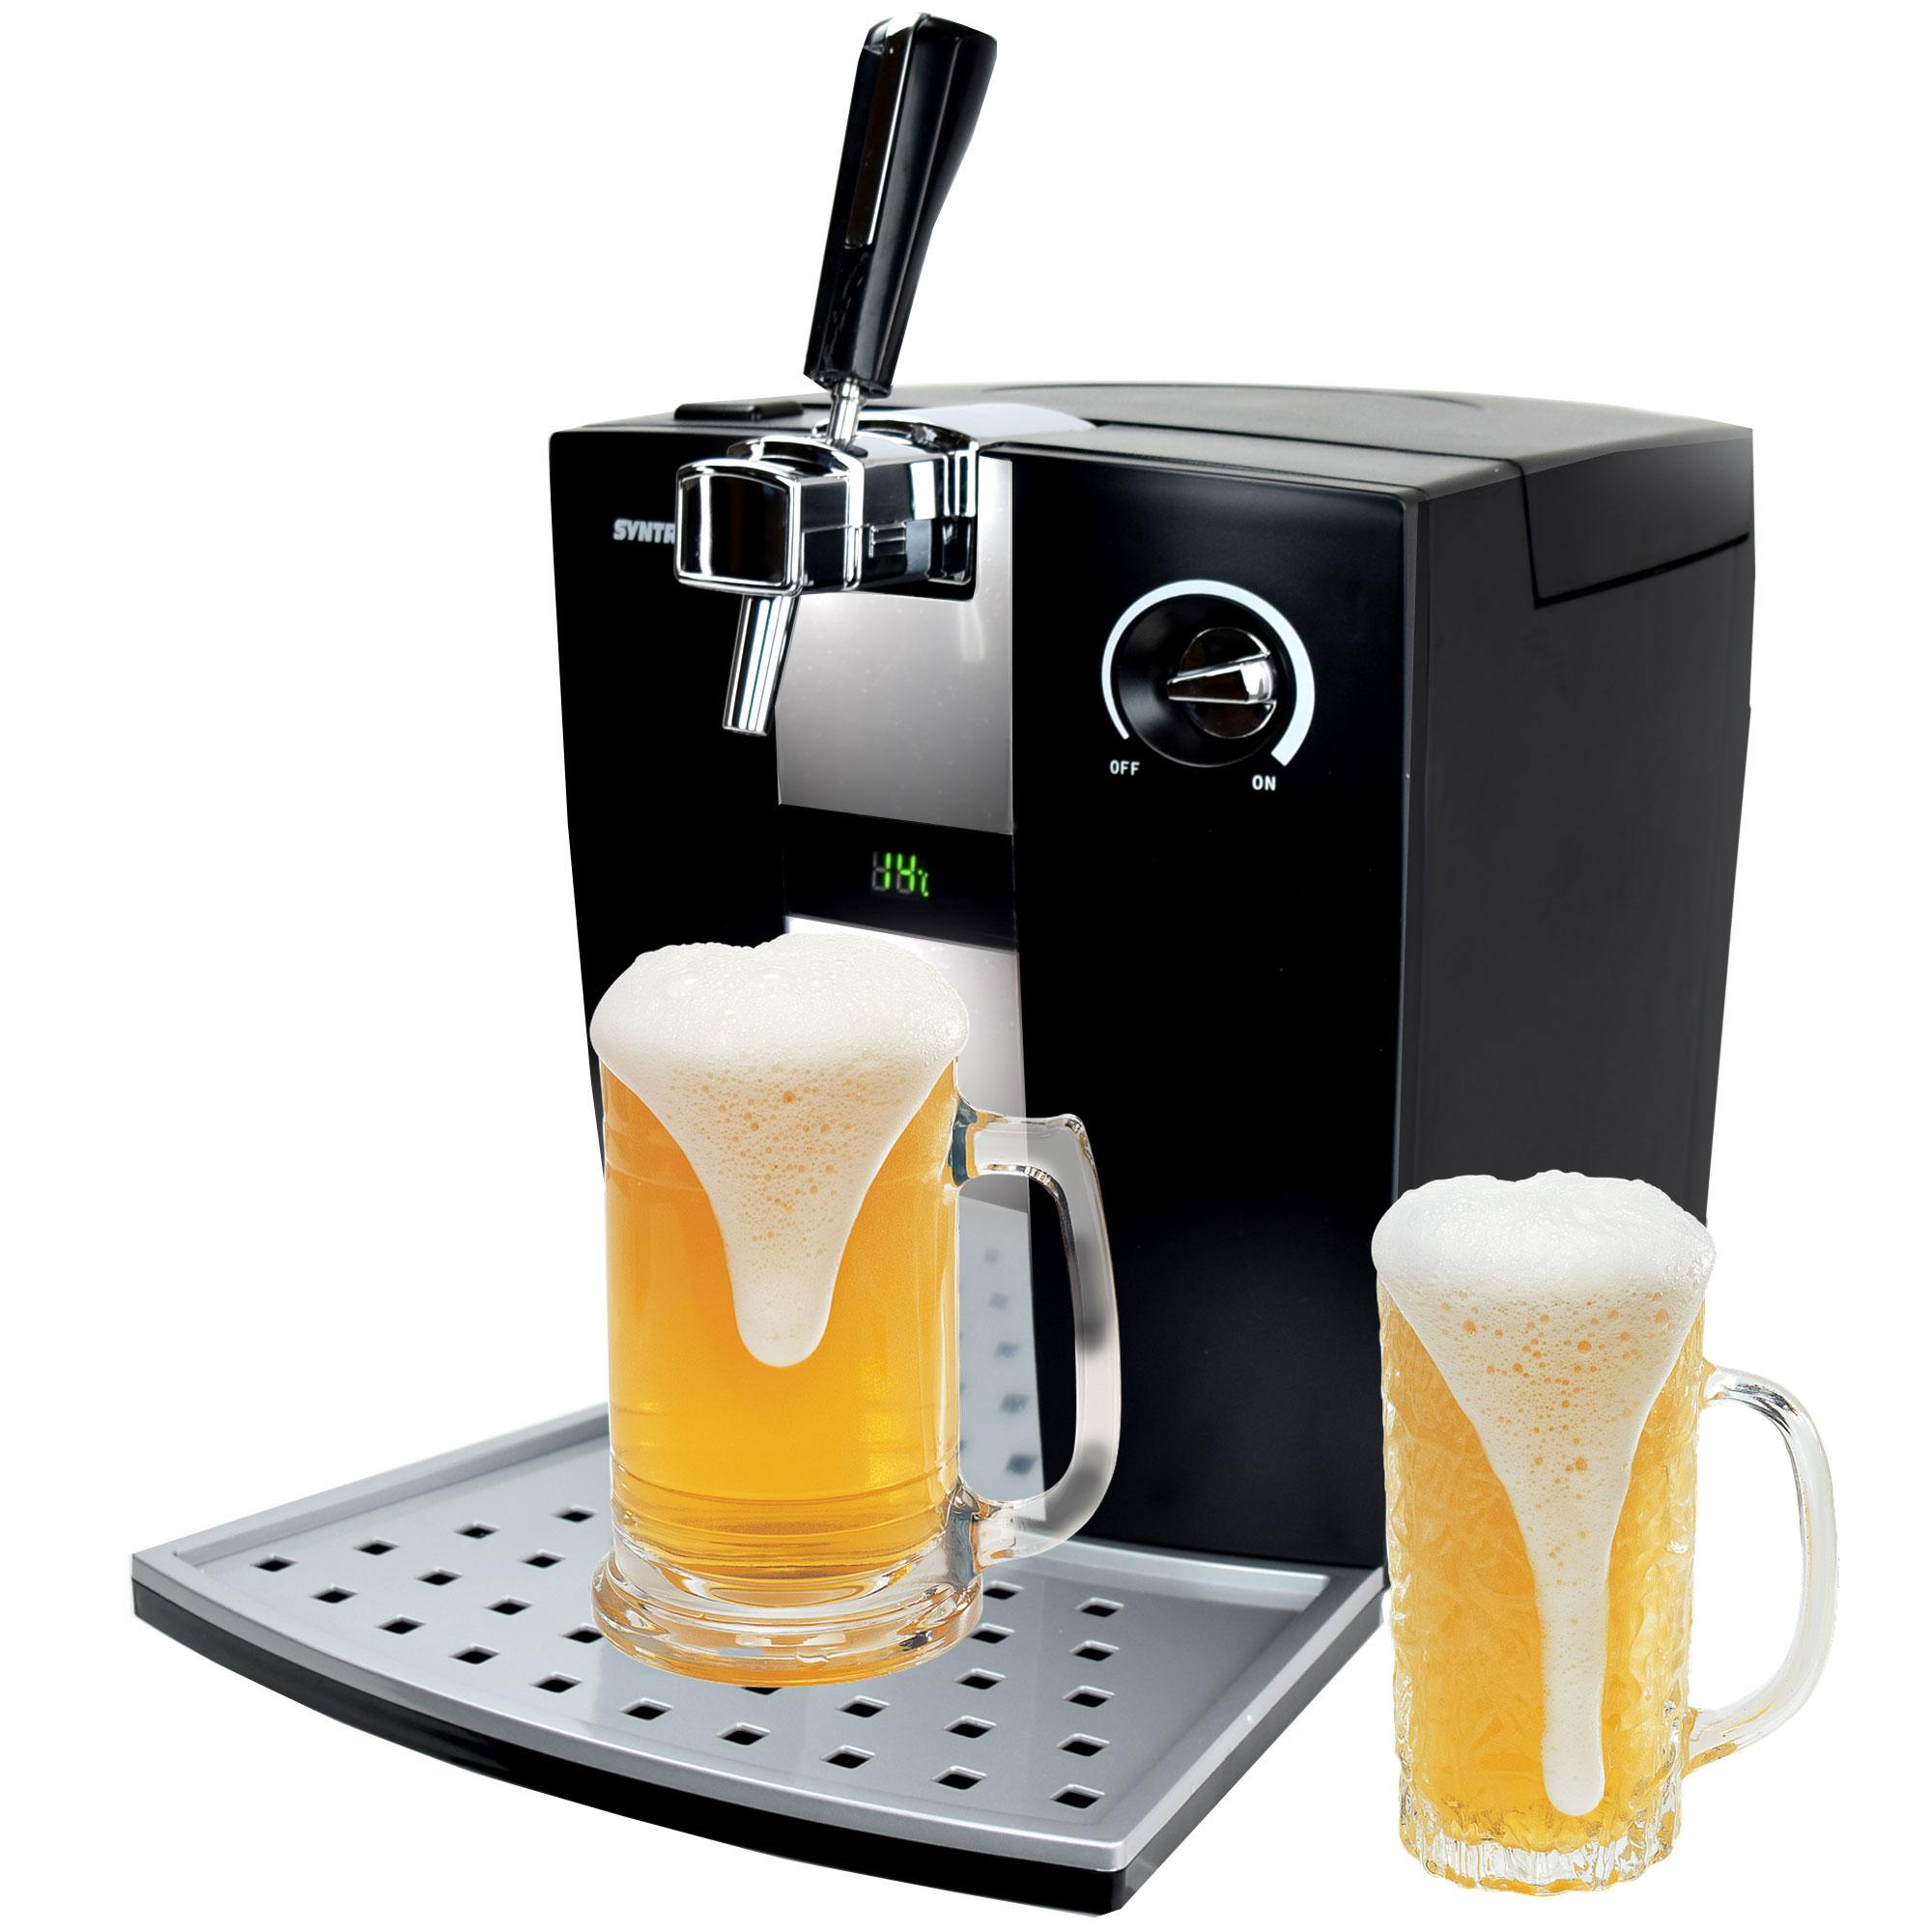 Digitale bierzapfanlage bc 300p mit pumpe bierk hler for Bierkuhler garten